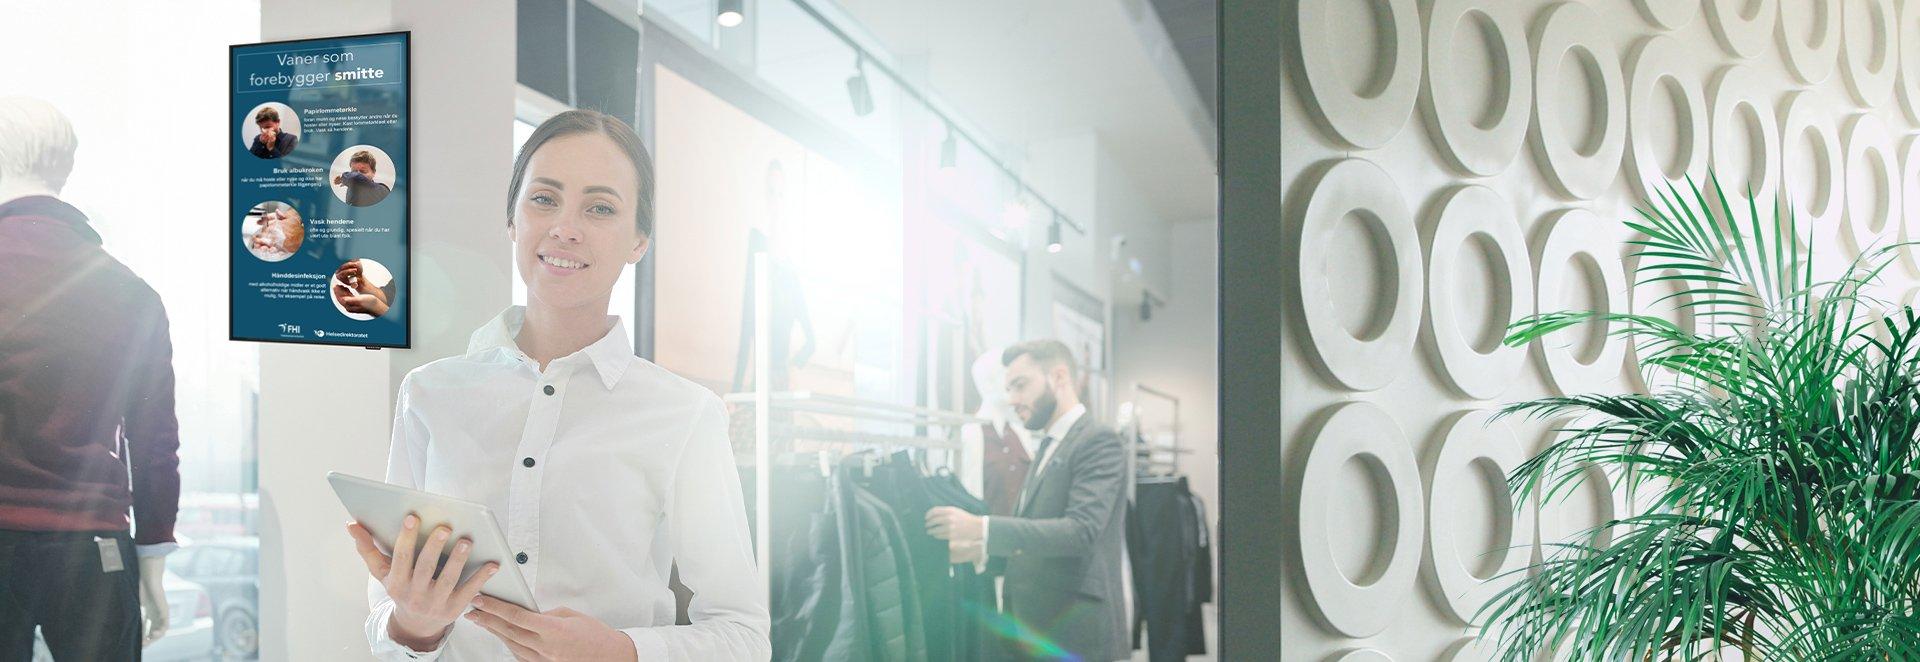 Infoskjerm-om-smitteverntiltak-garderobe